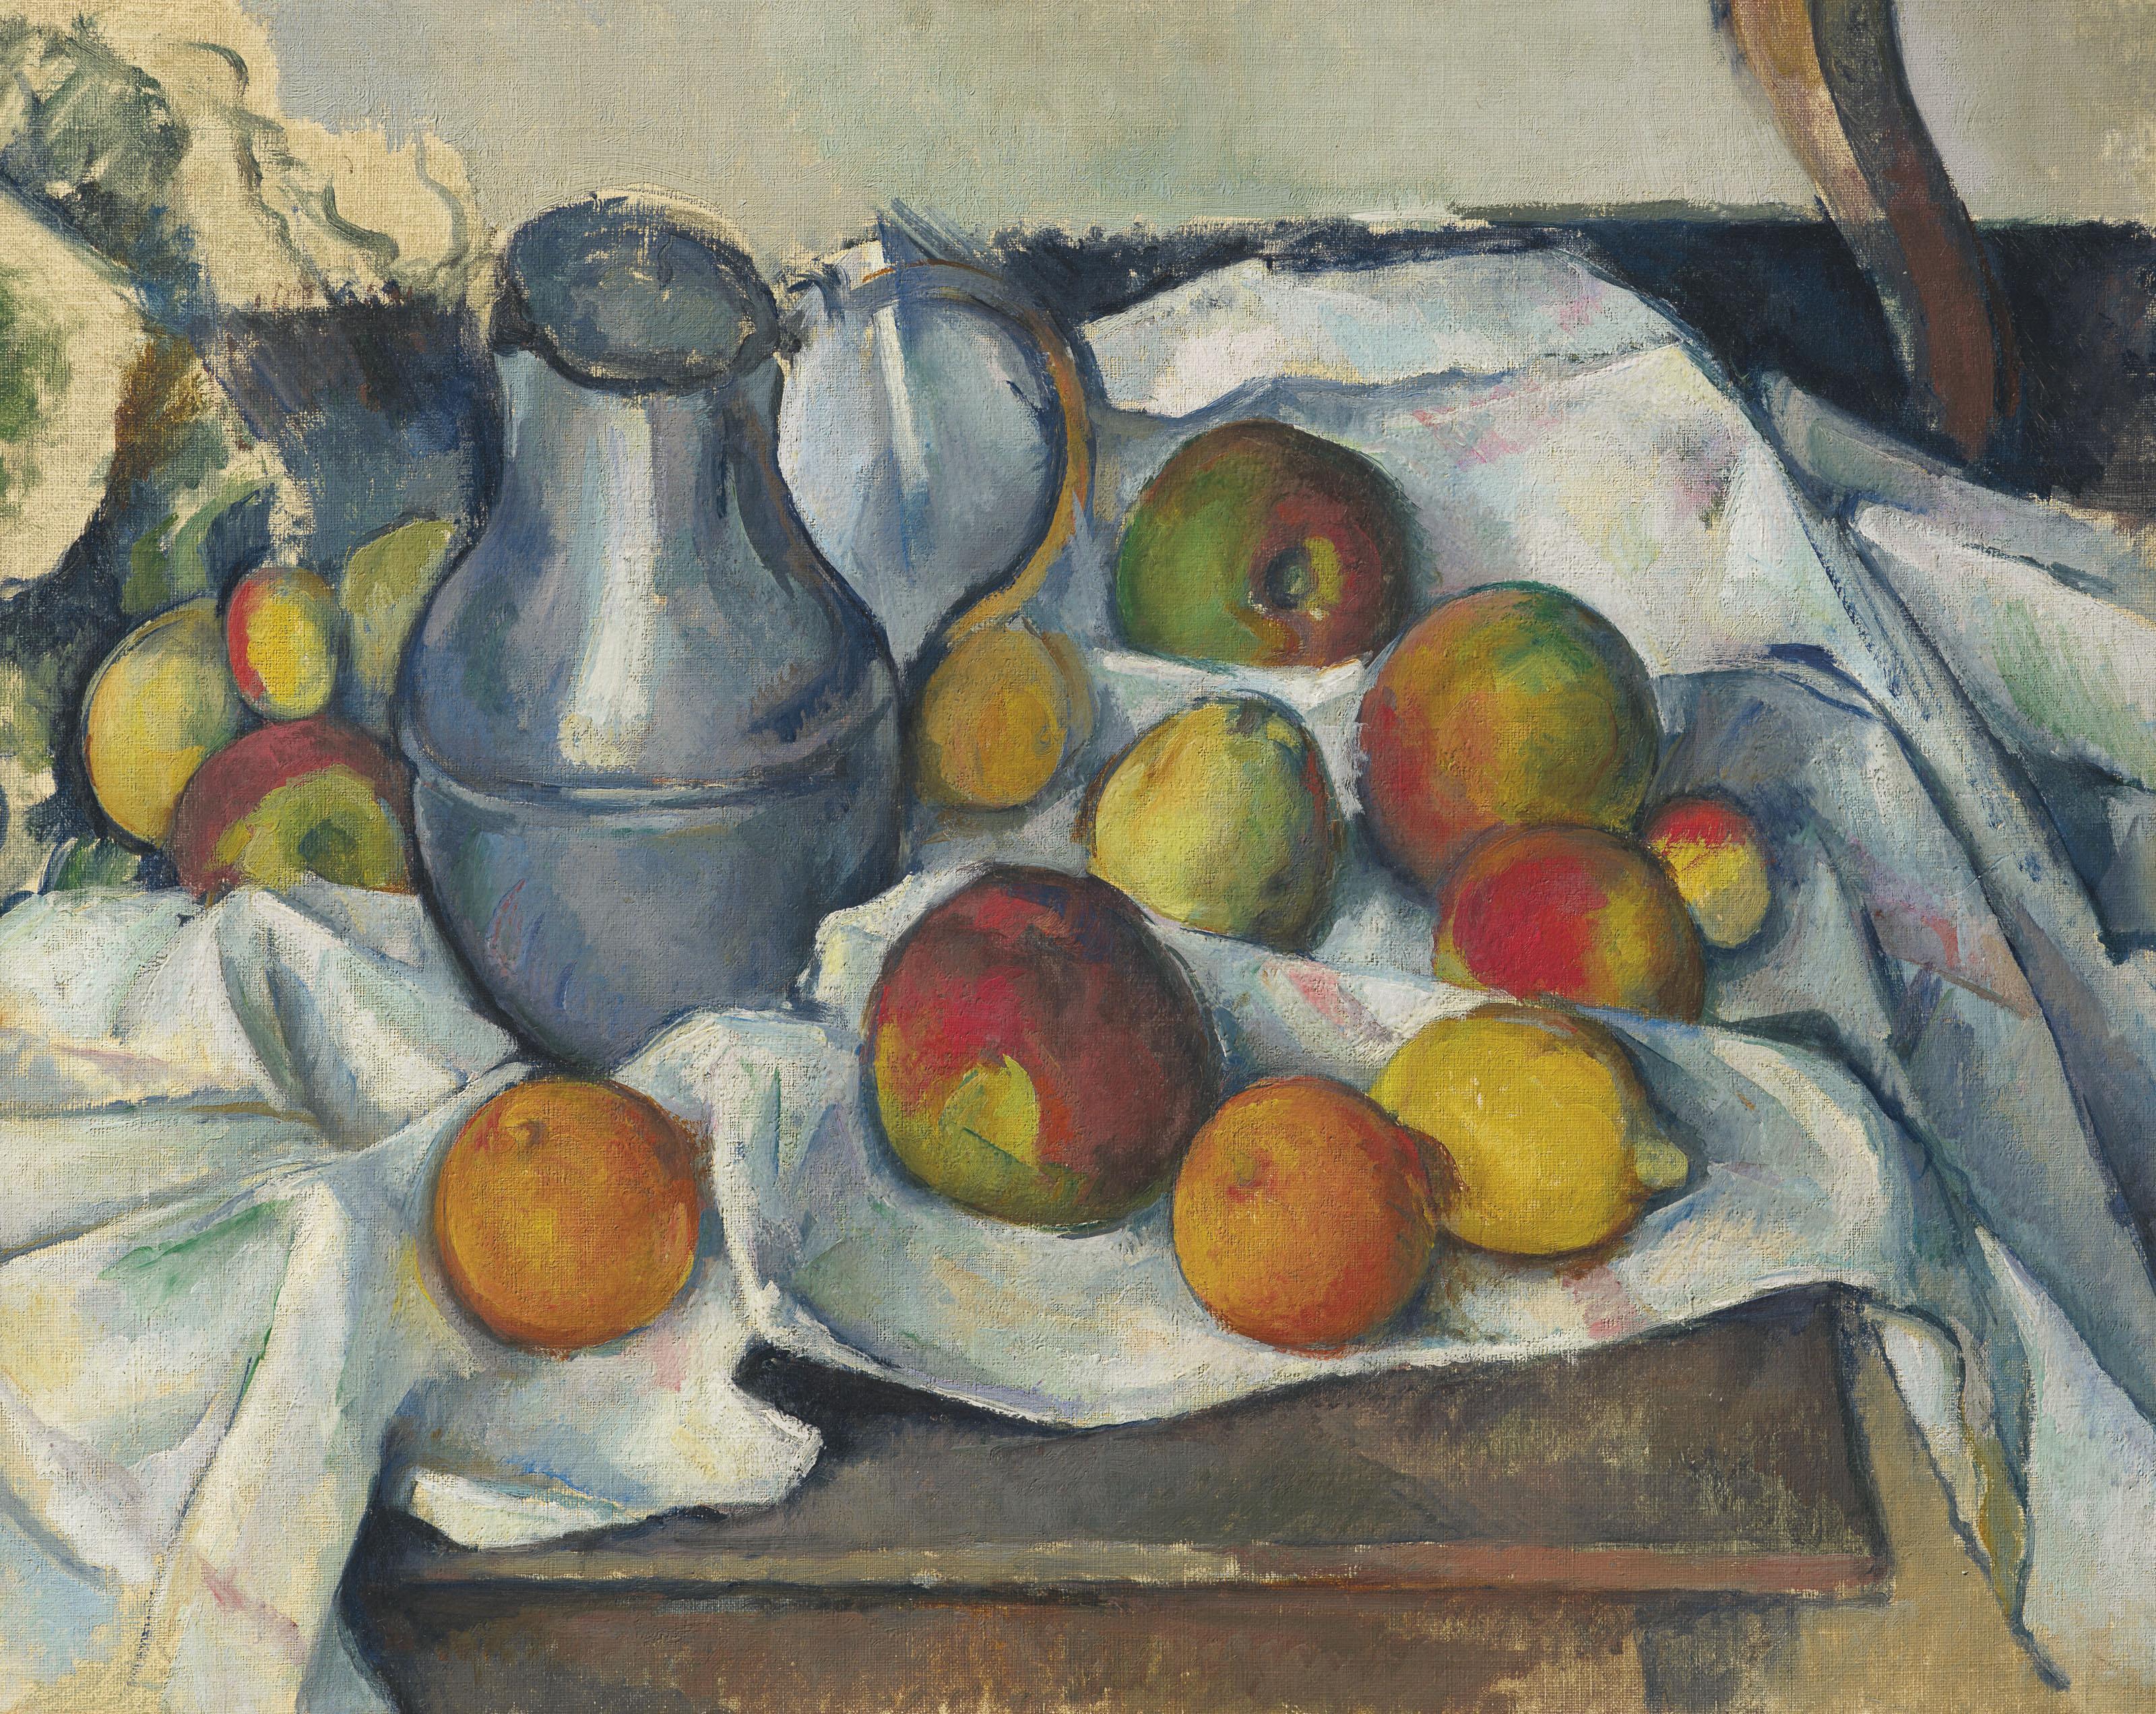 Fichier:Paul Cézanne - Bouilloire et fruits.jpg — Wikipédia